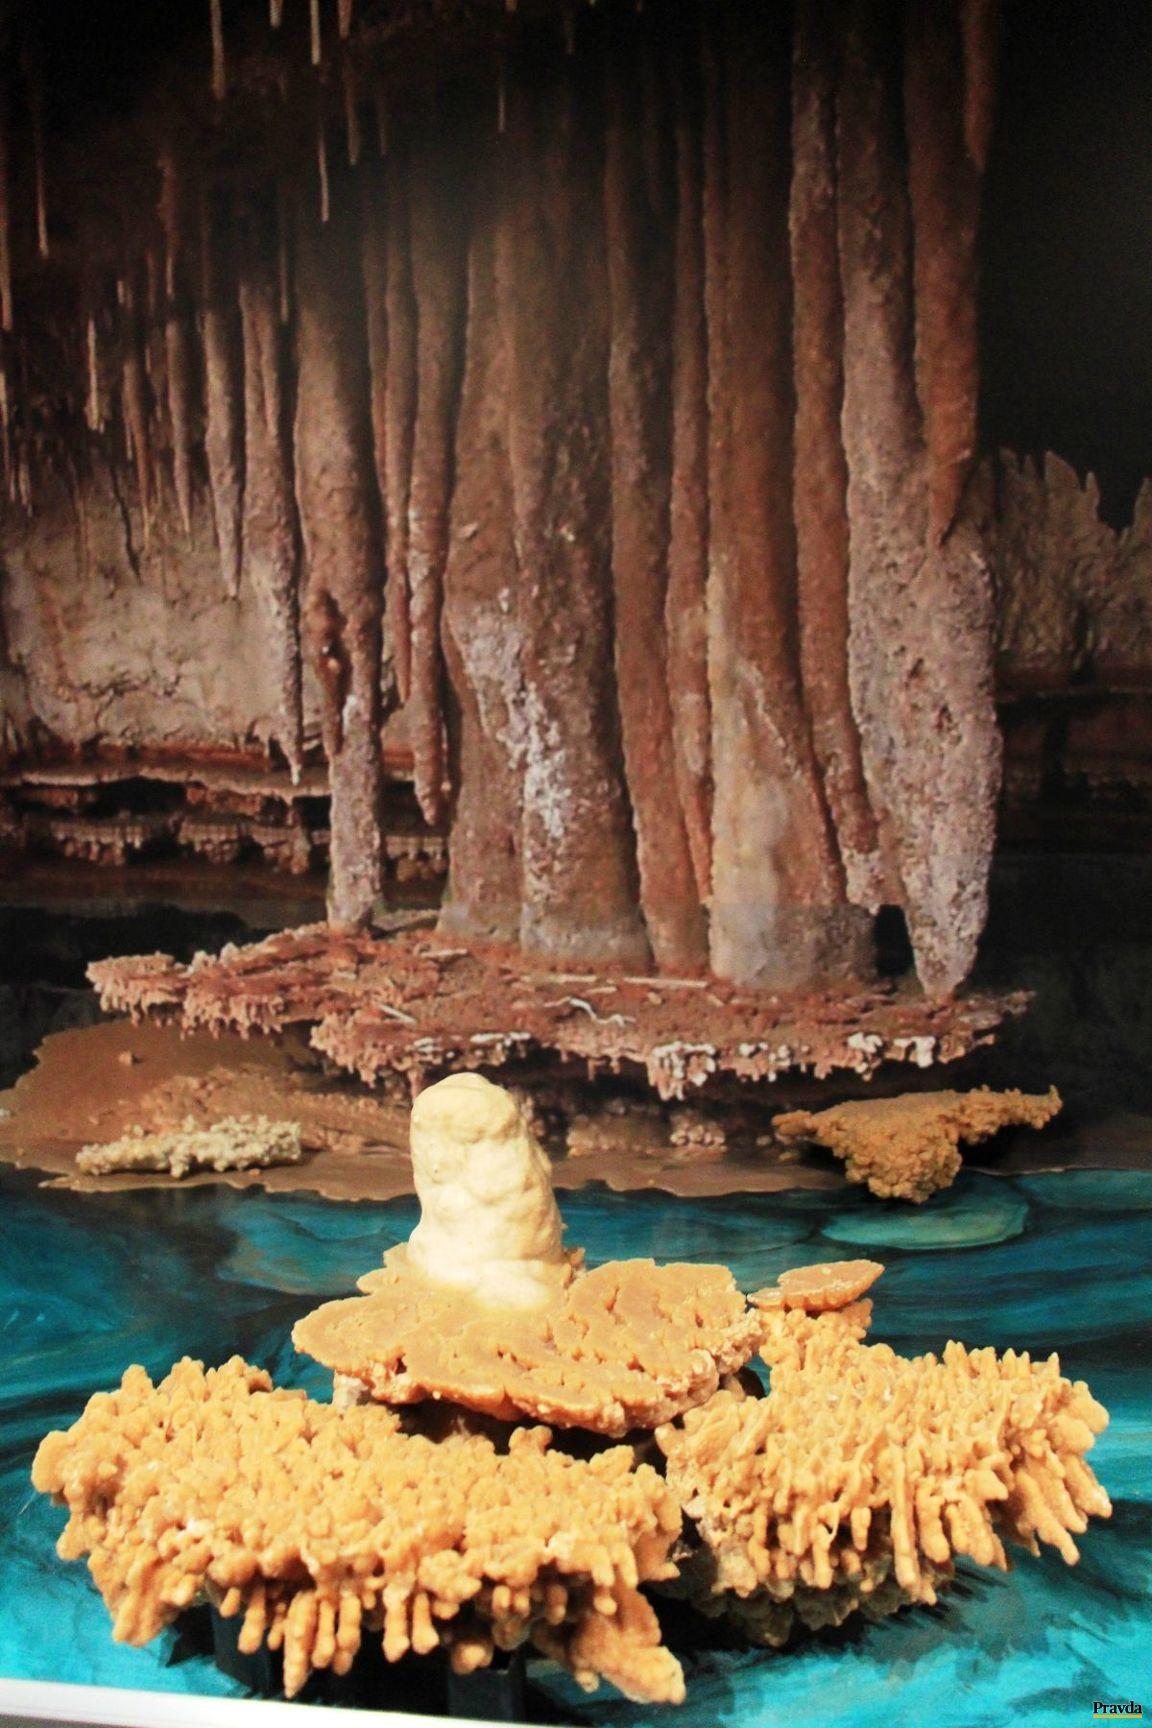 Expozícia jaskyniarstva v Slovenskom múzeu ochrany prírody a jaskyniarstva.